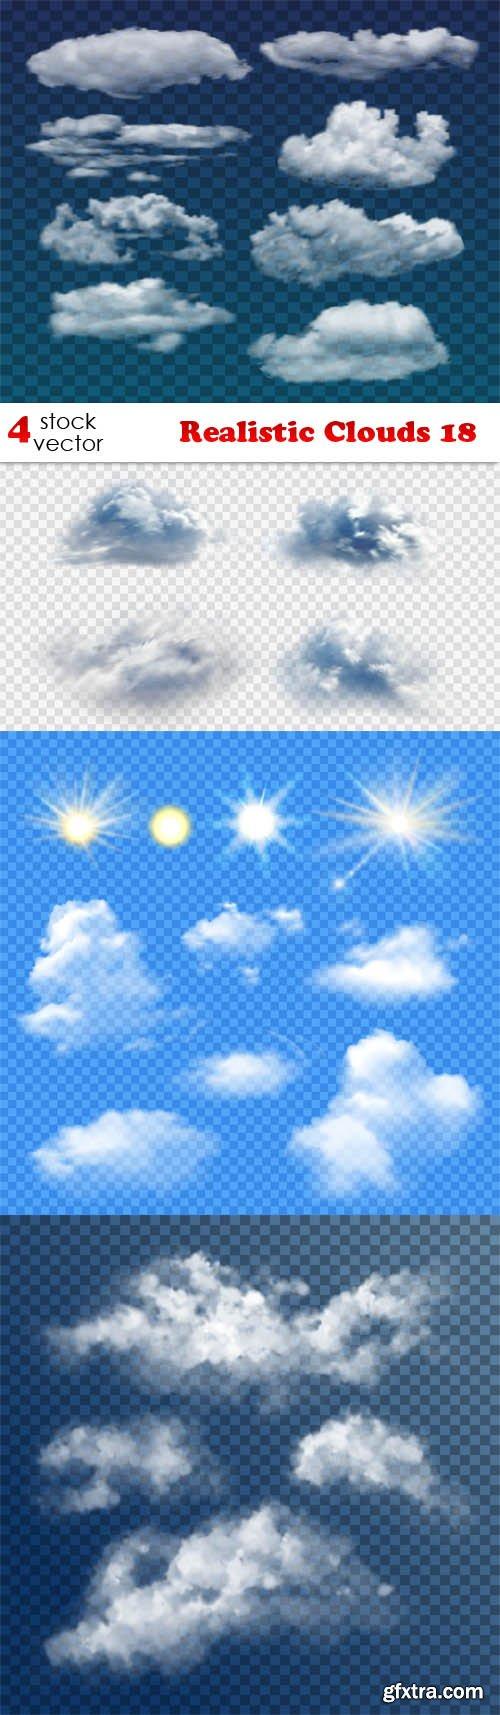 Vectors - Realistic Clouds 18